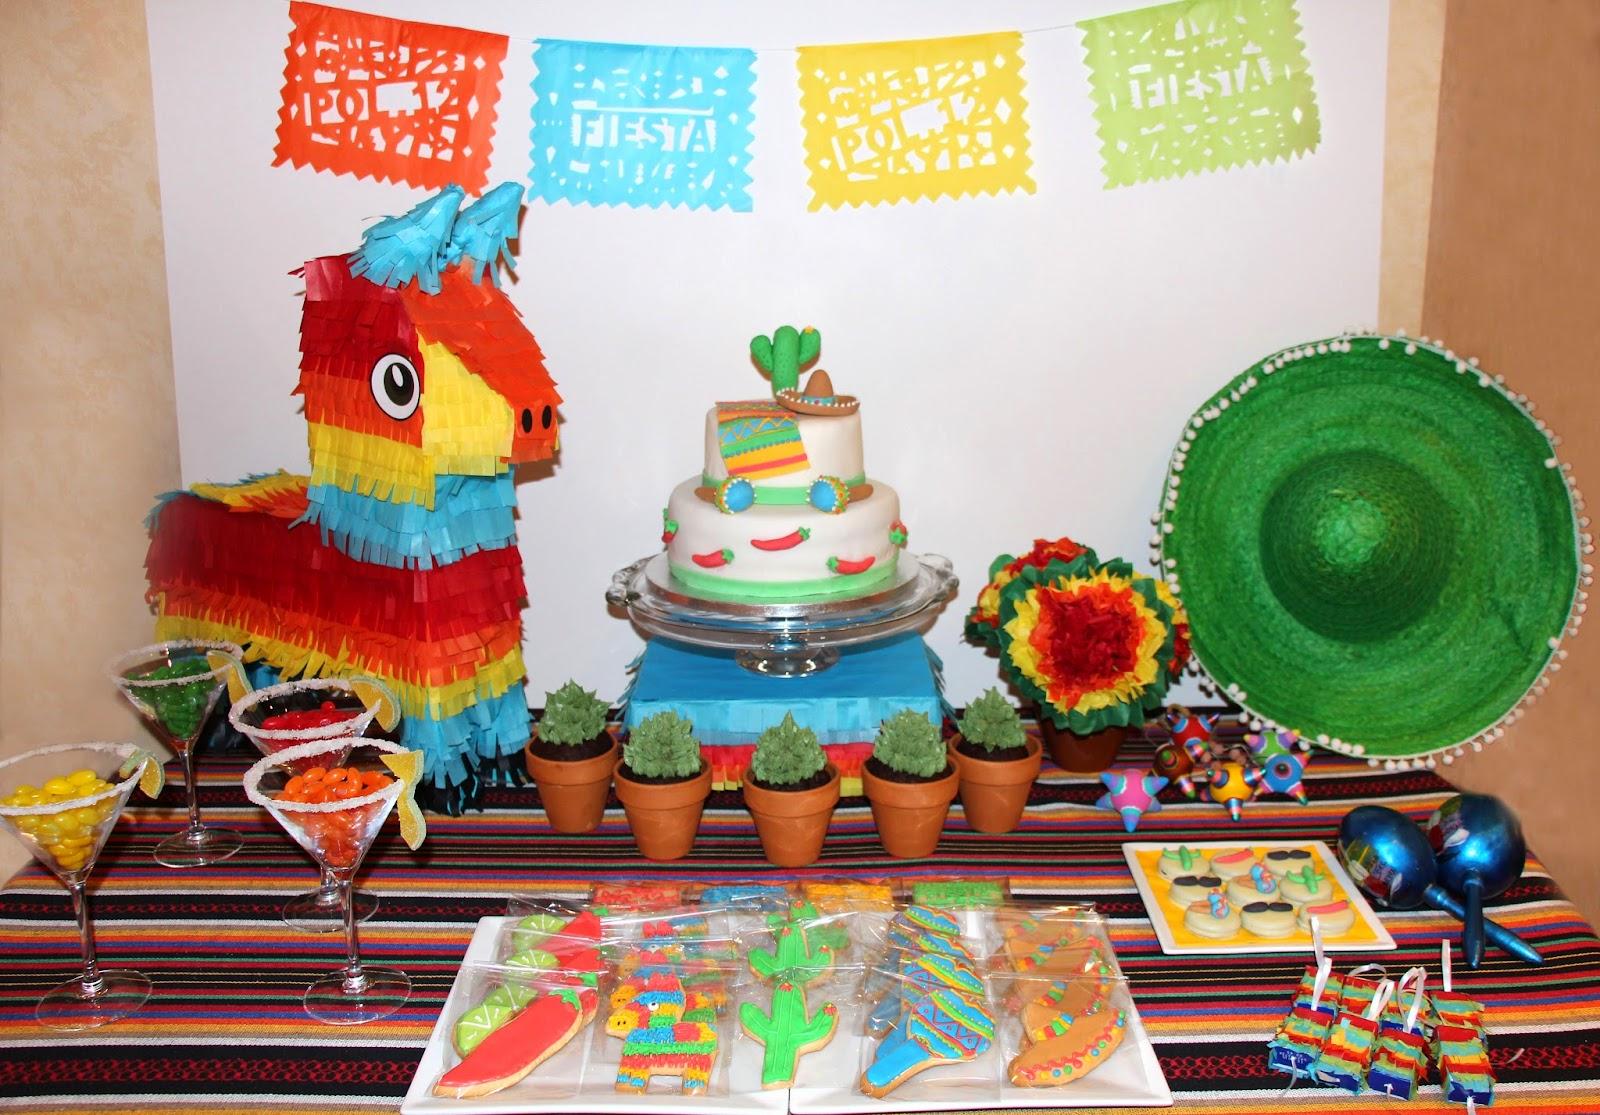 fiestas mexicano